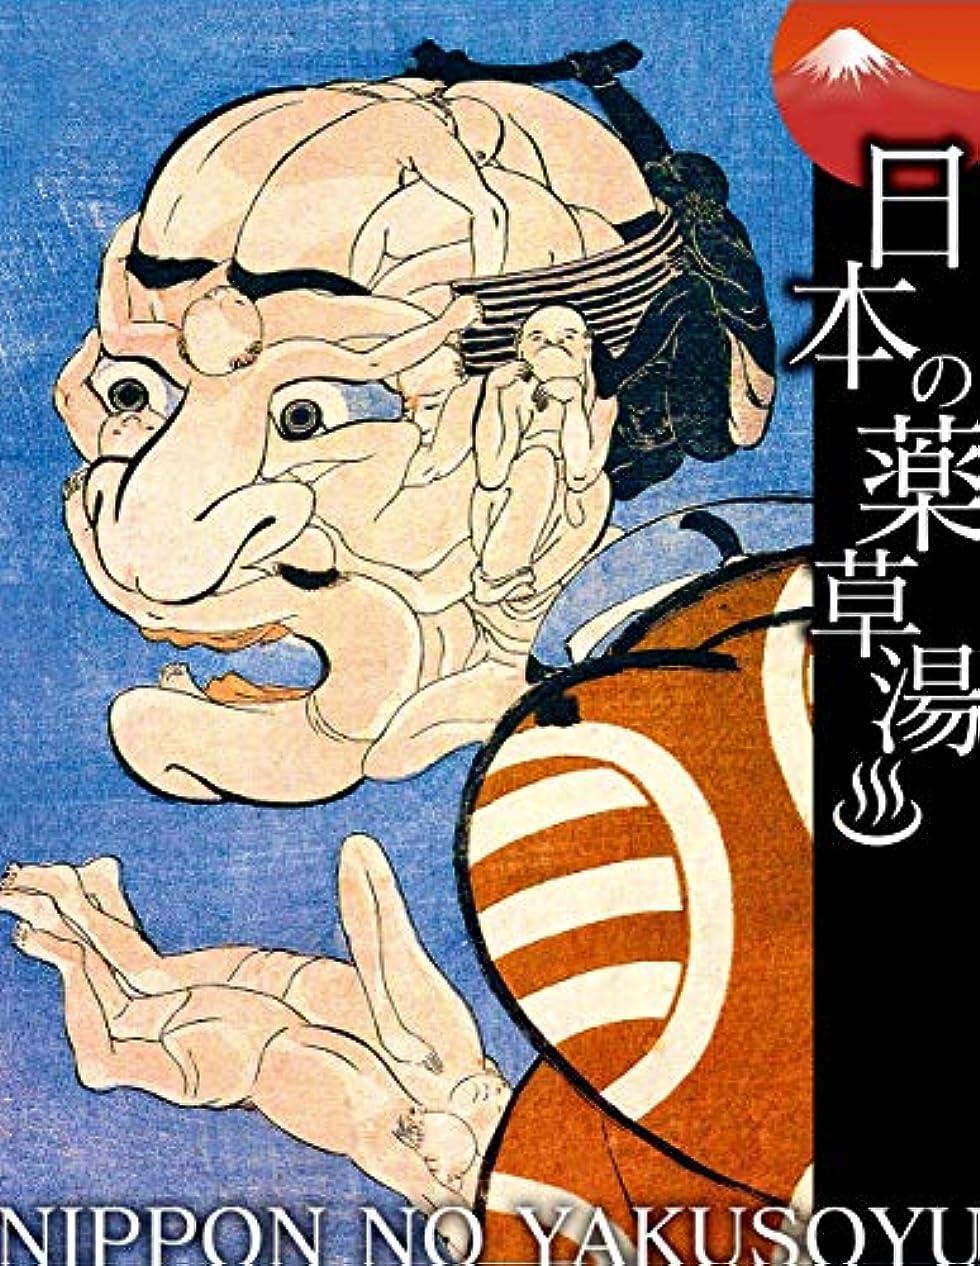 人物起きる王朝日本の薬草湯 みかけハこハゐがとんだいゝ人だ